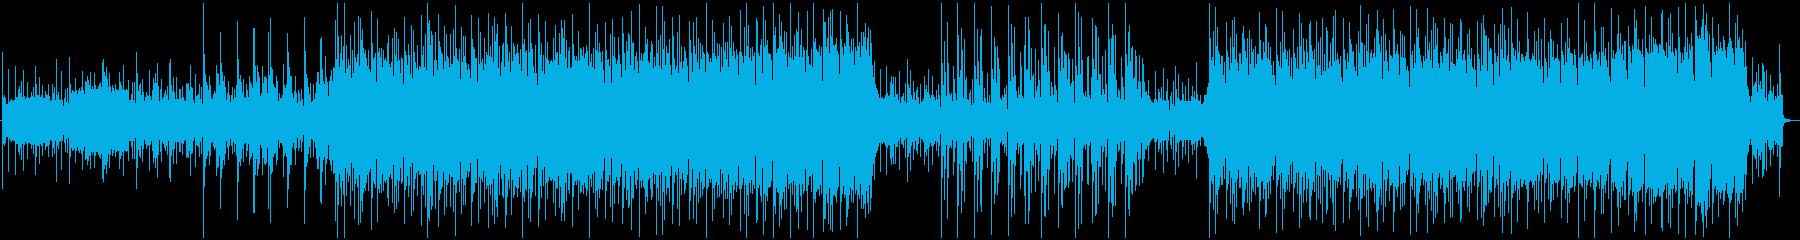 東/東洋/中東またはインド/ボリウ...の再生済みの波形